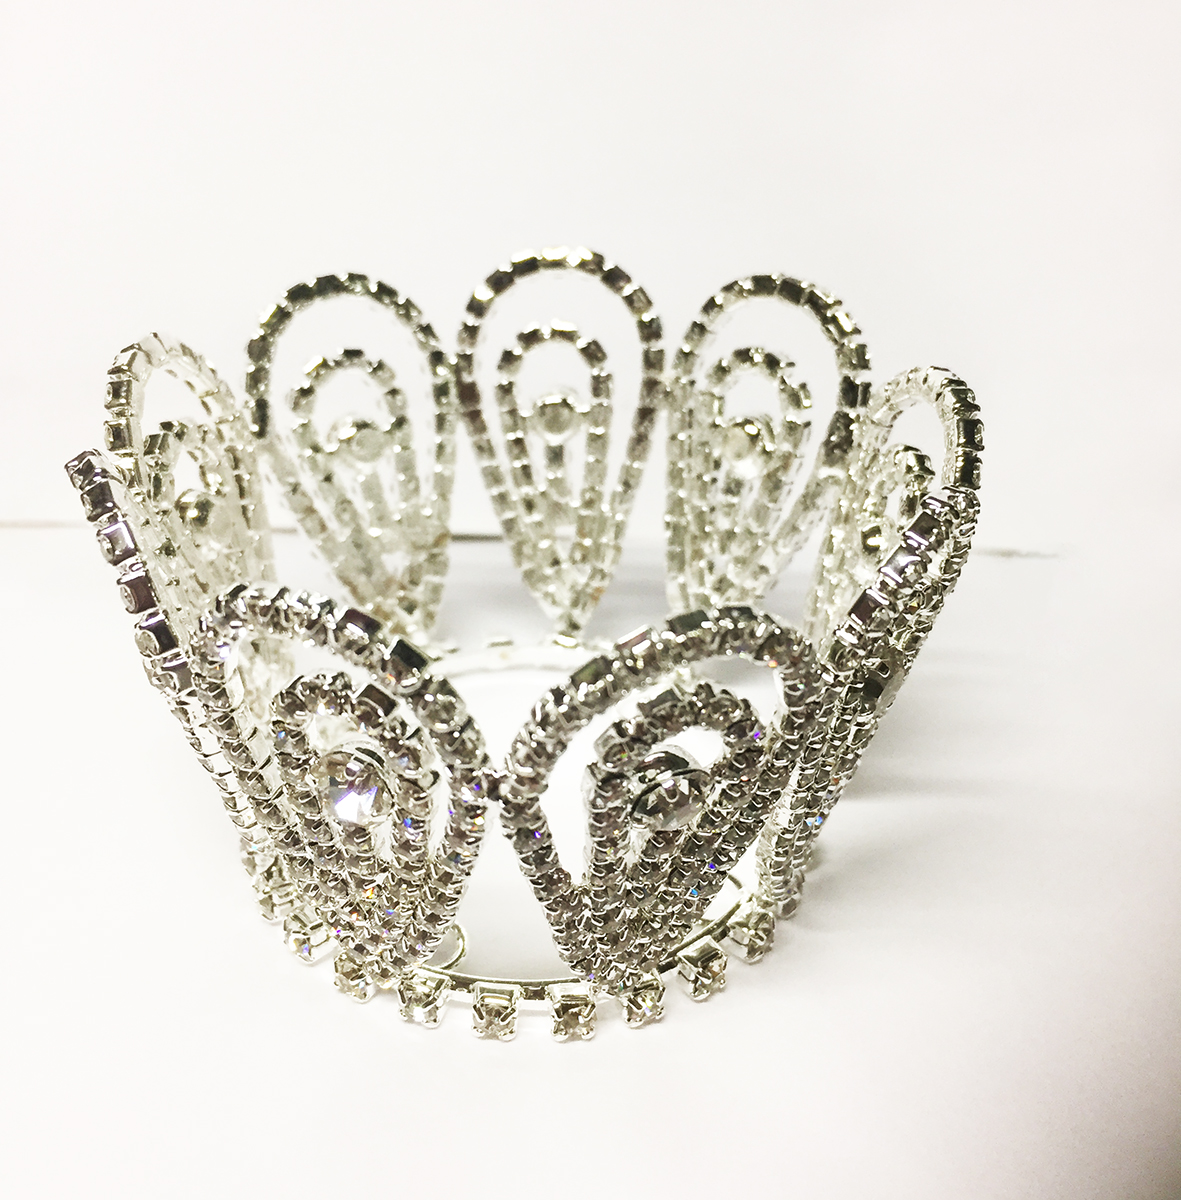 Mini couronne en strass argent